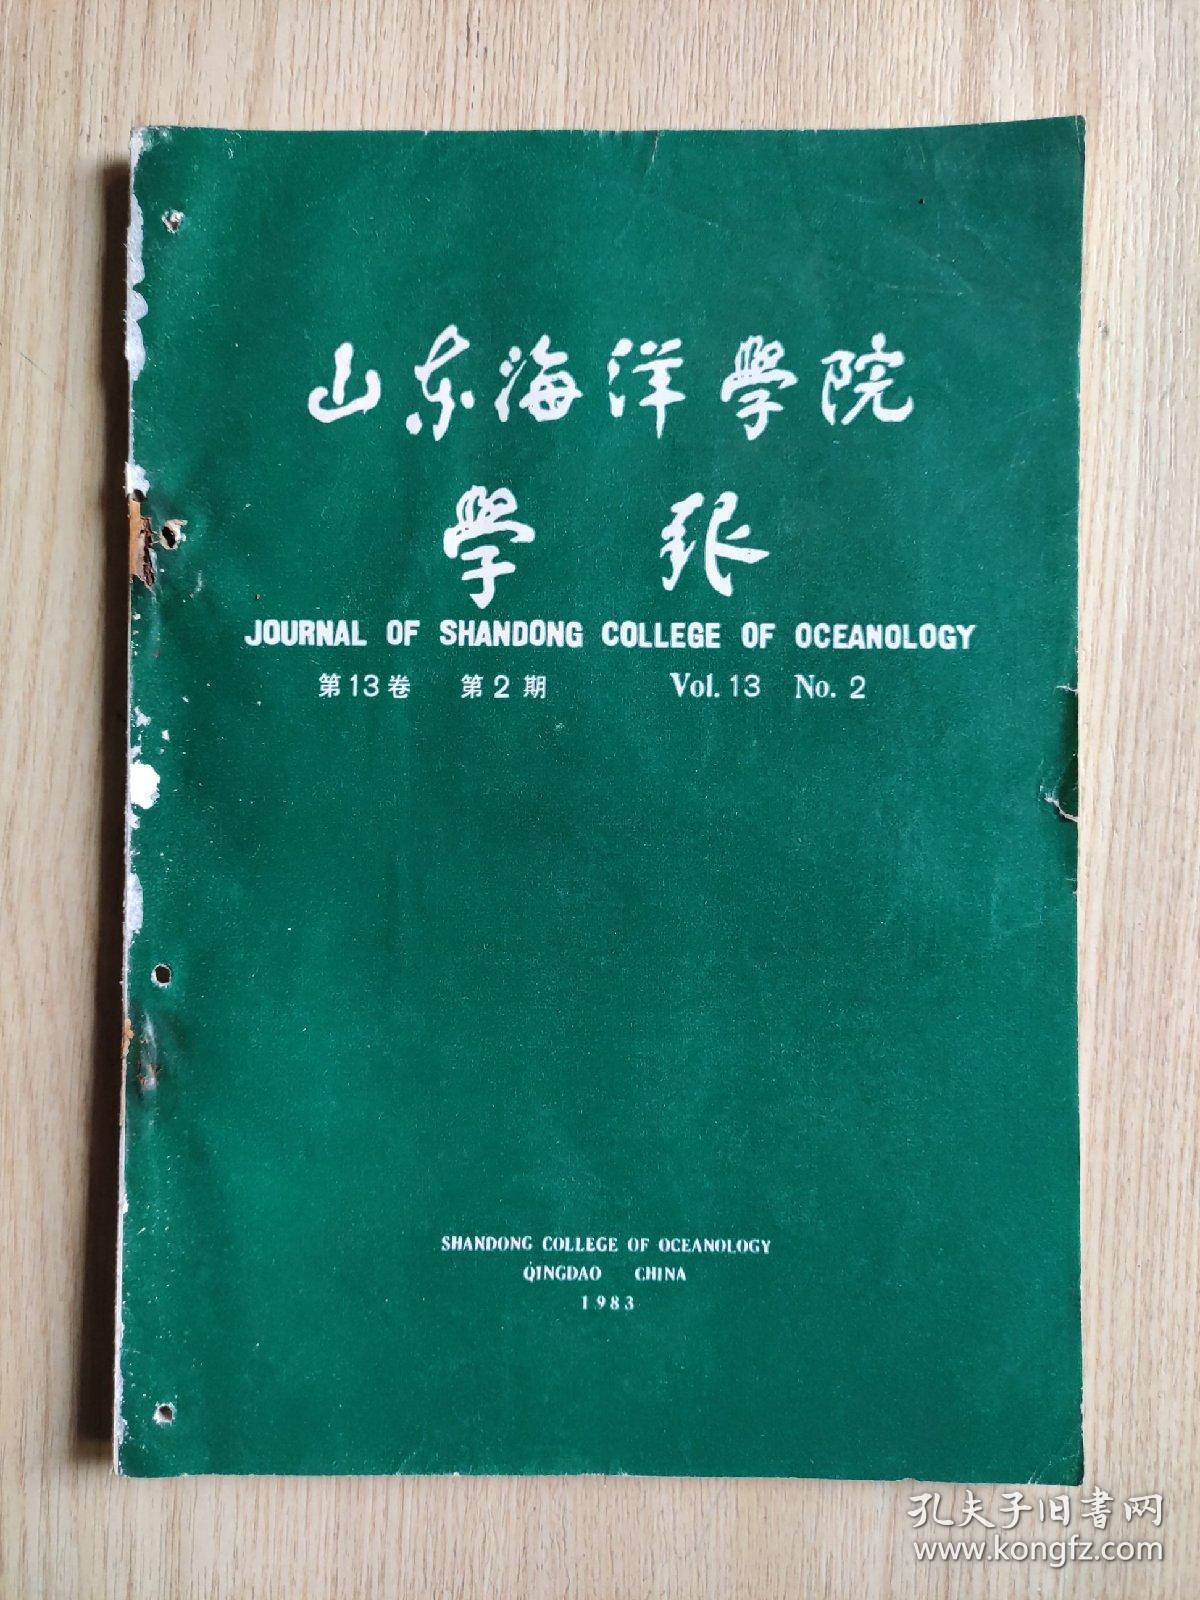 山东海洋学院学报1983年第13卷第2期